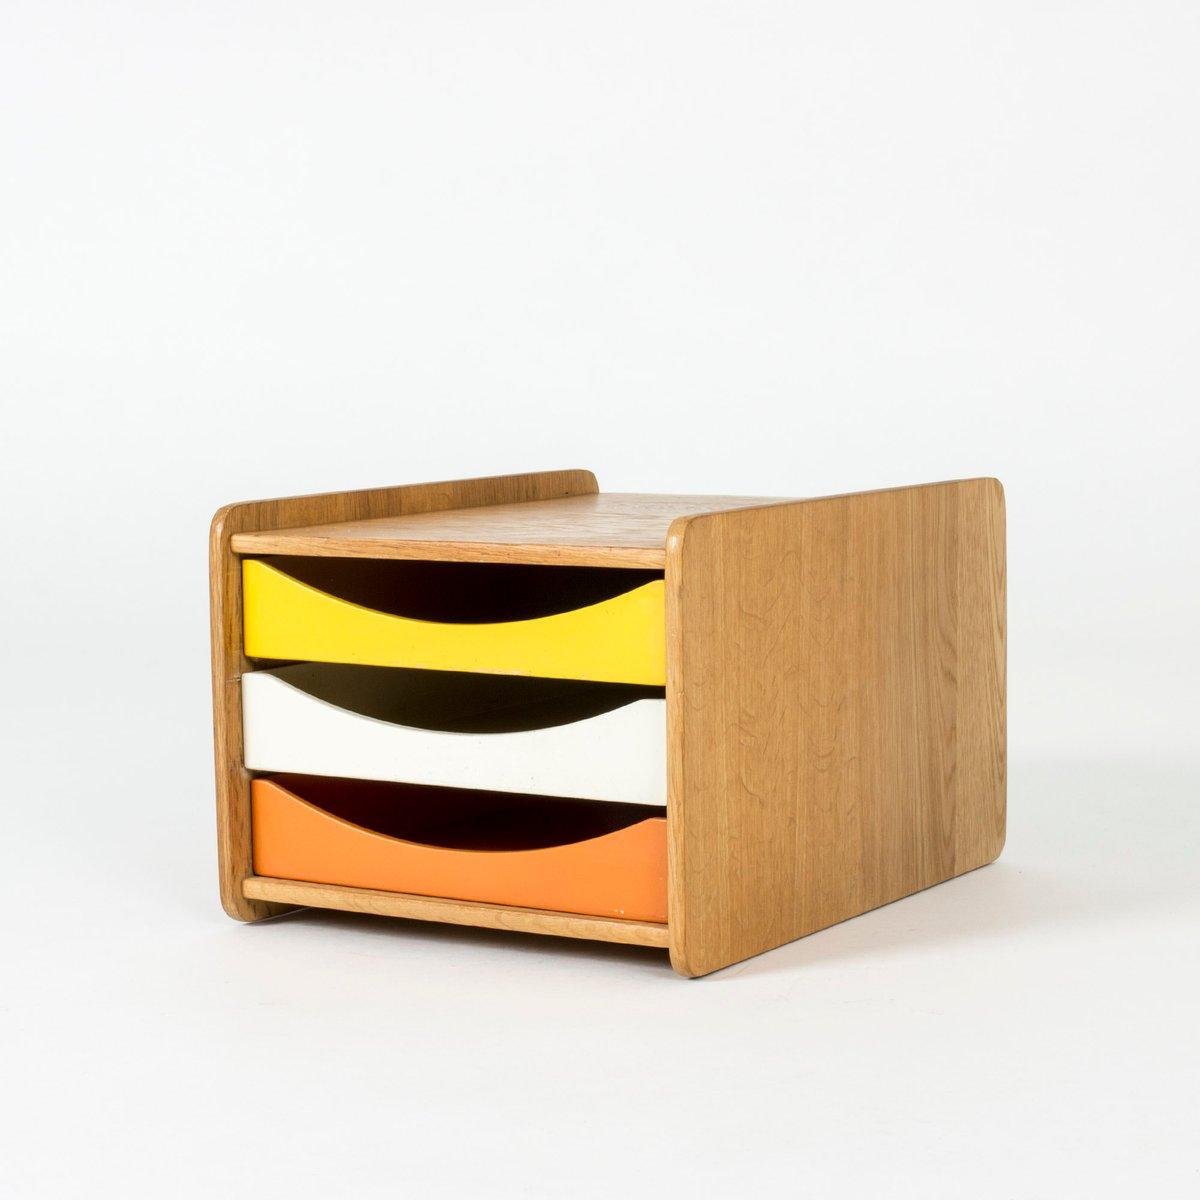 Vintage Desk Organizer By Borge Mogensen For Karl Andersson Söner